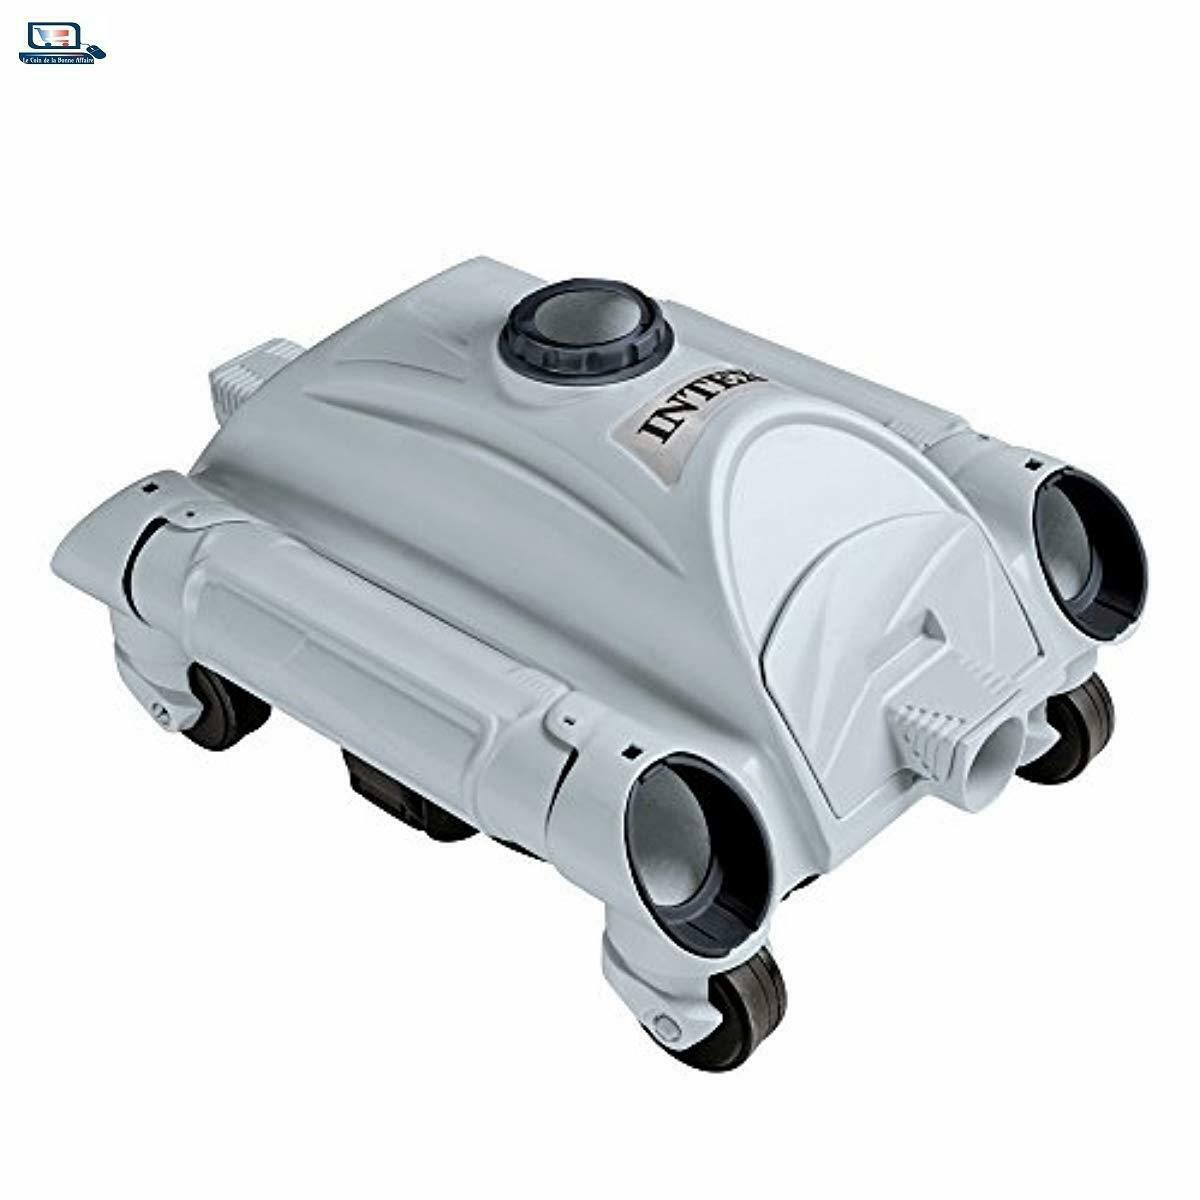 Détails Sur Intex 28001 Robot De Piscine Nettoyeur De Fond Pour Piscines  Hors-Sol Pour Filtr concernant Pompe Piscine Intex 6M3